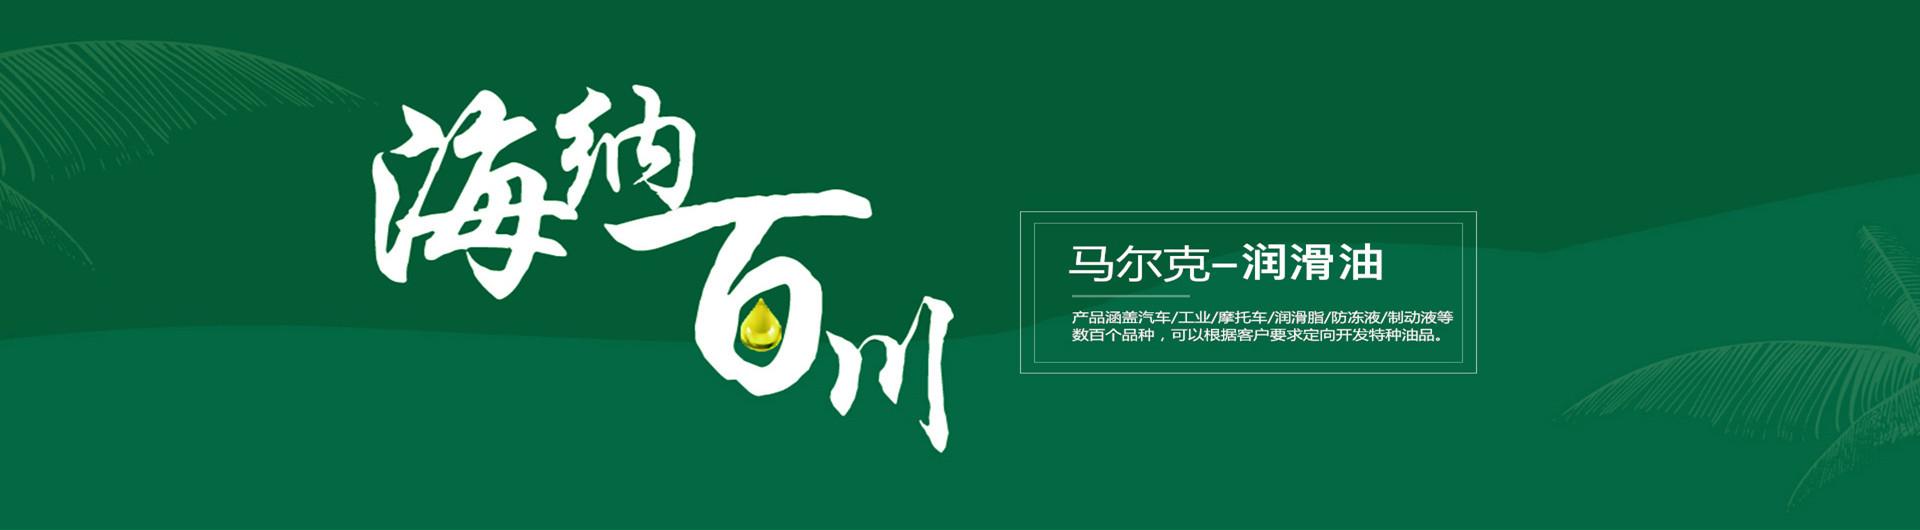 雷竞技电脑版品牌